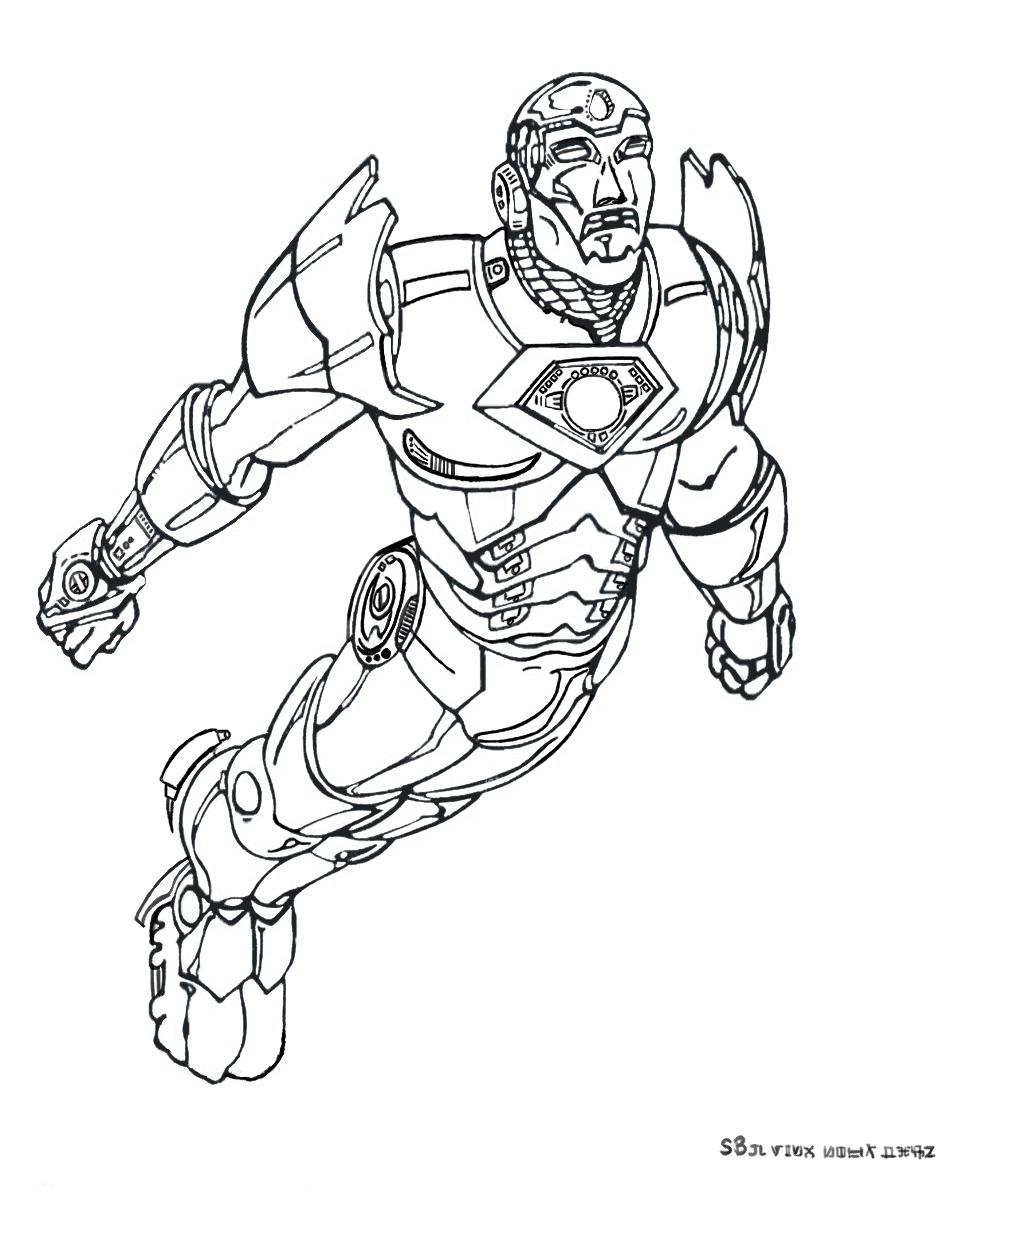 Coloriage De Iron Man À Telecharger Gratuitement avec Coloriage Super Hero A Imprimer Gratuit